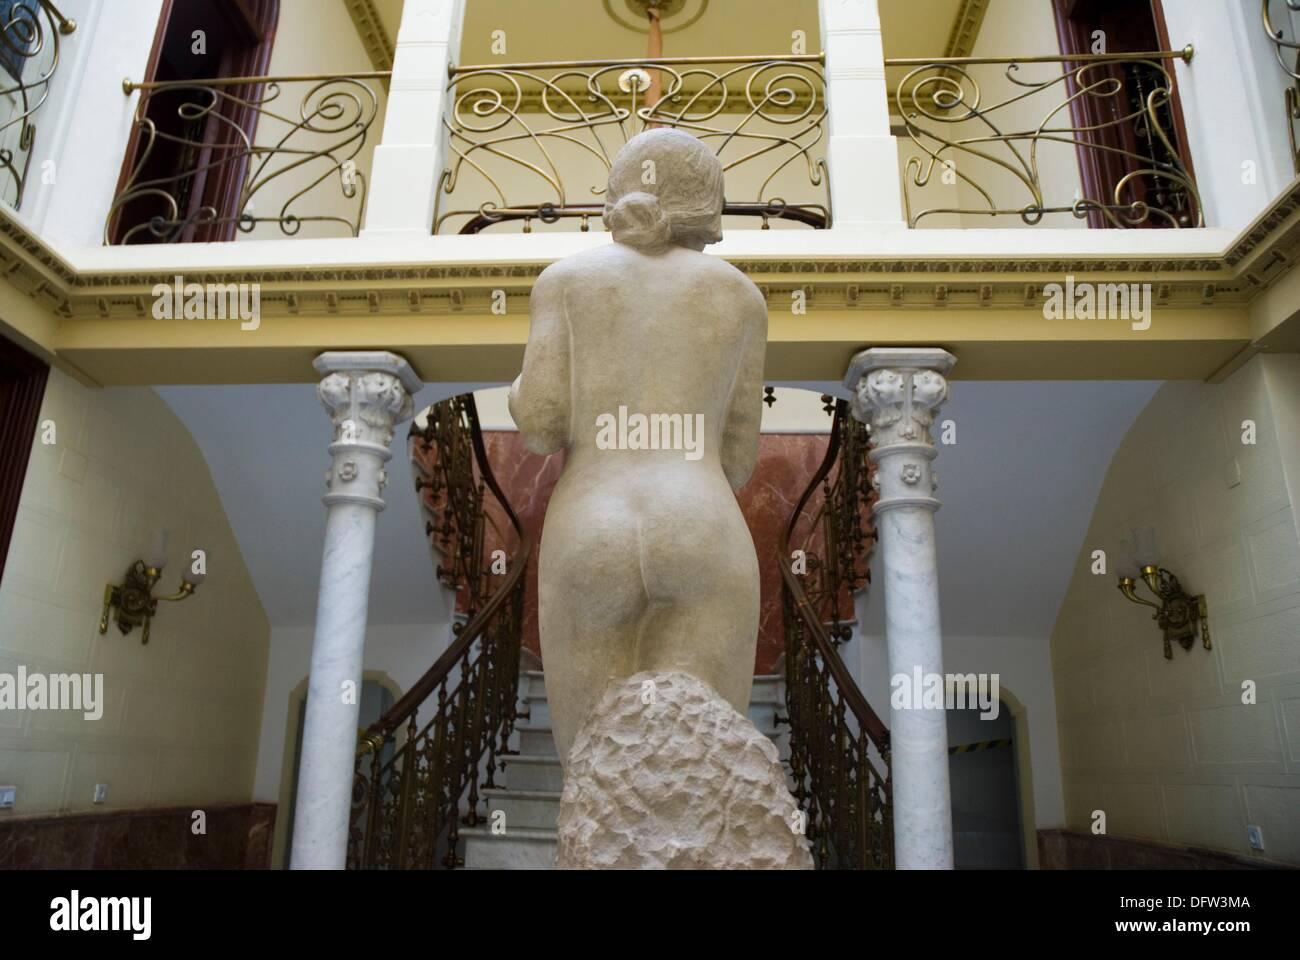 Adolescente, piedra tallada de Jose aviones, en el Palacio de Aguirre, sede del Museo Regional de Arte Moderno de Cartagena Muram Imagen De Stock